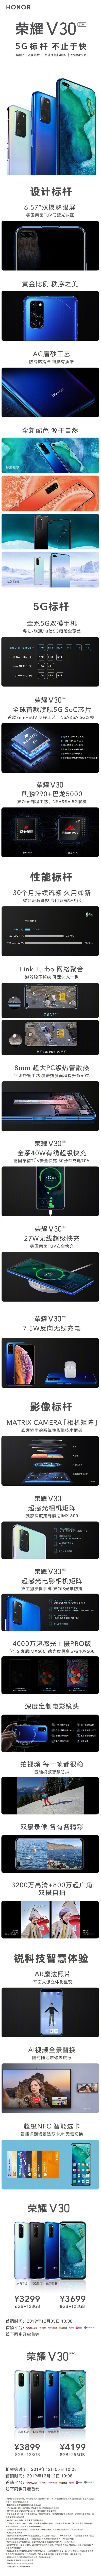 最便宜5G手机荣耀V30明天开卖 一图回顾